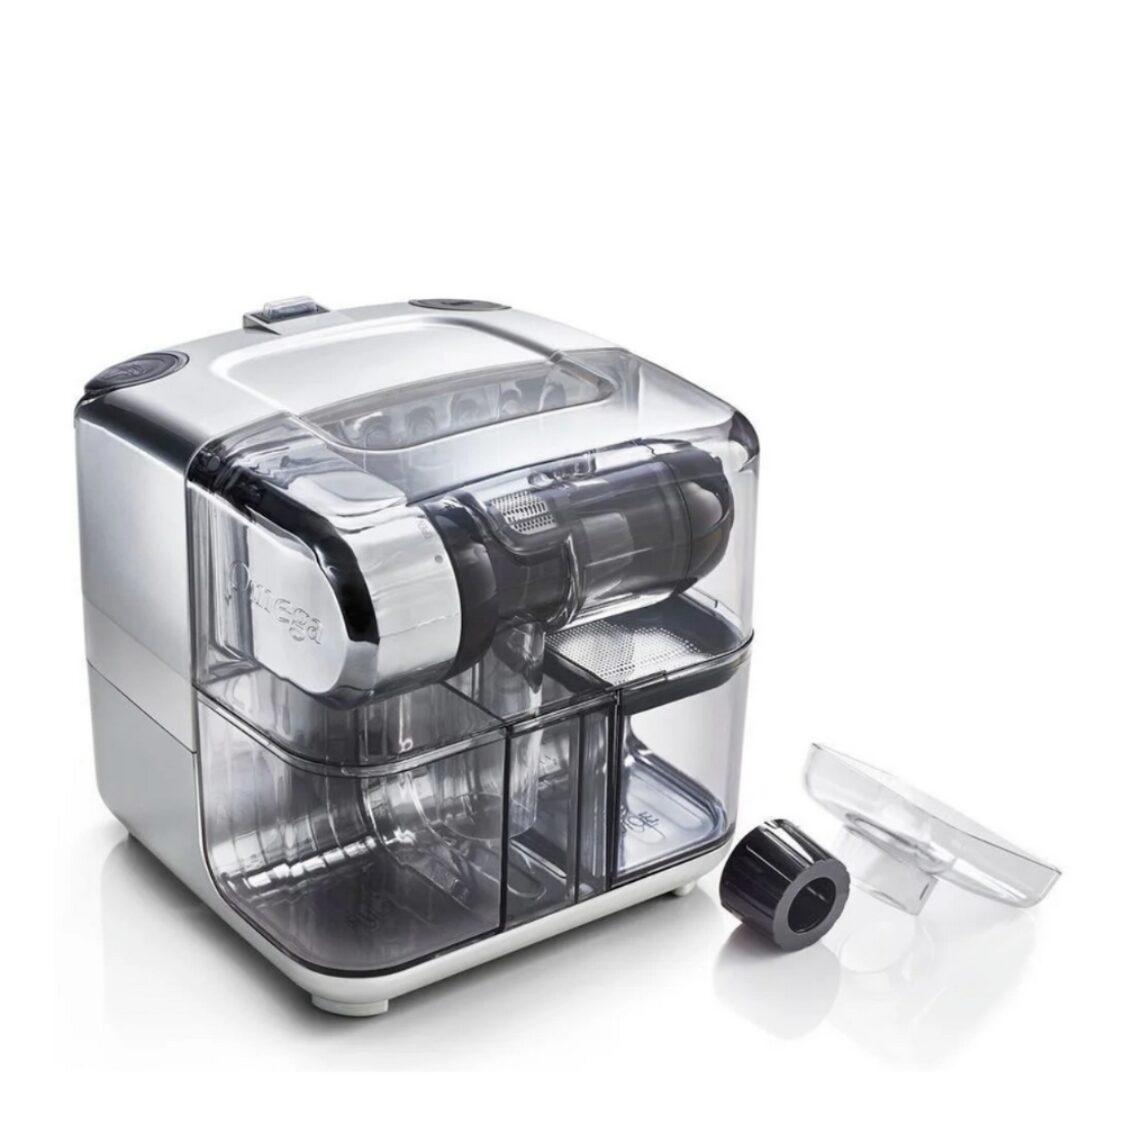 Omega USA Cube Juicer Silver OMEGA003034